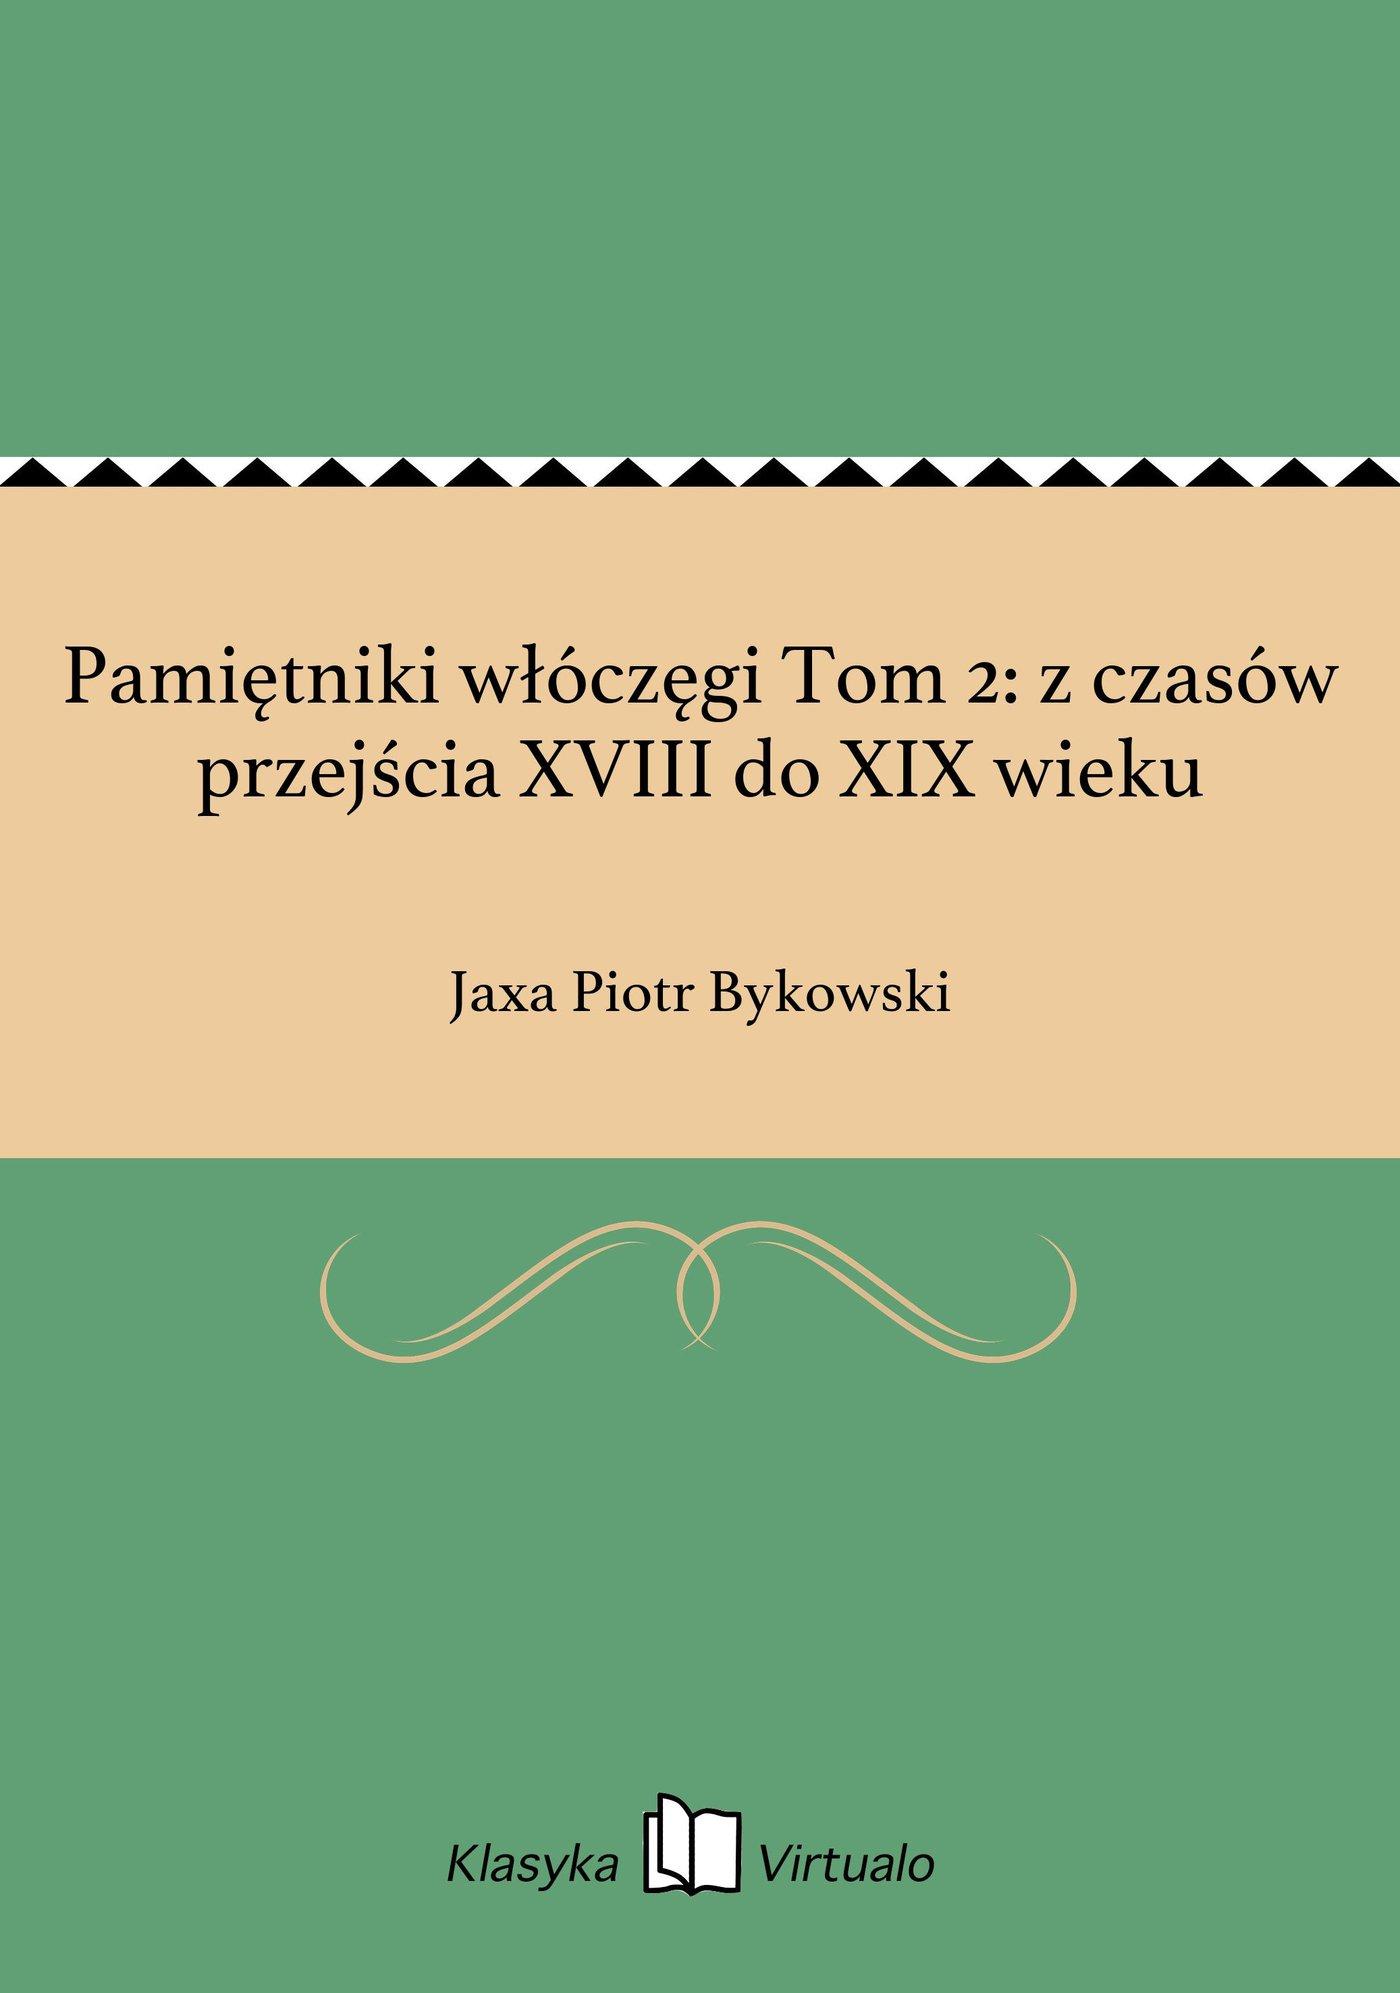 Pamiętniki włóczęgi Tom 2: z czasów przejścia XVIII do XIX wieku - Ebook (Książka EPUB) do pobrania w formacie EPUB